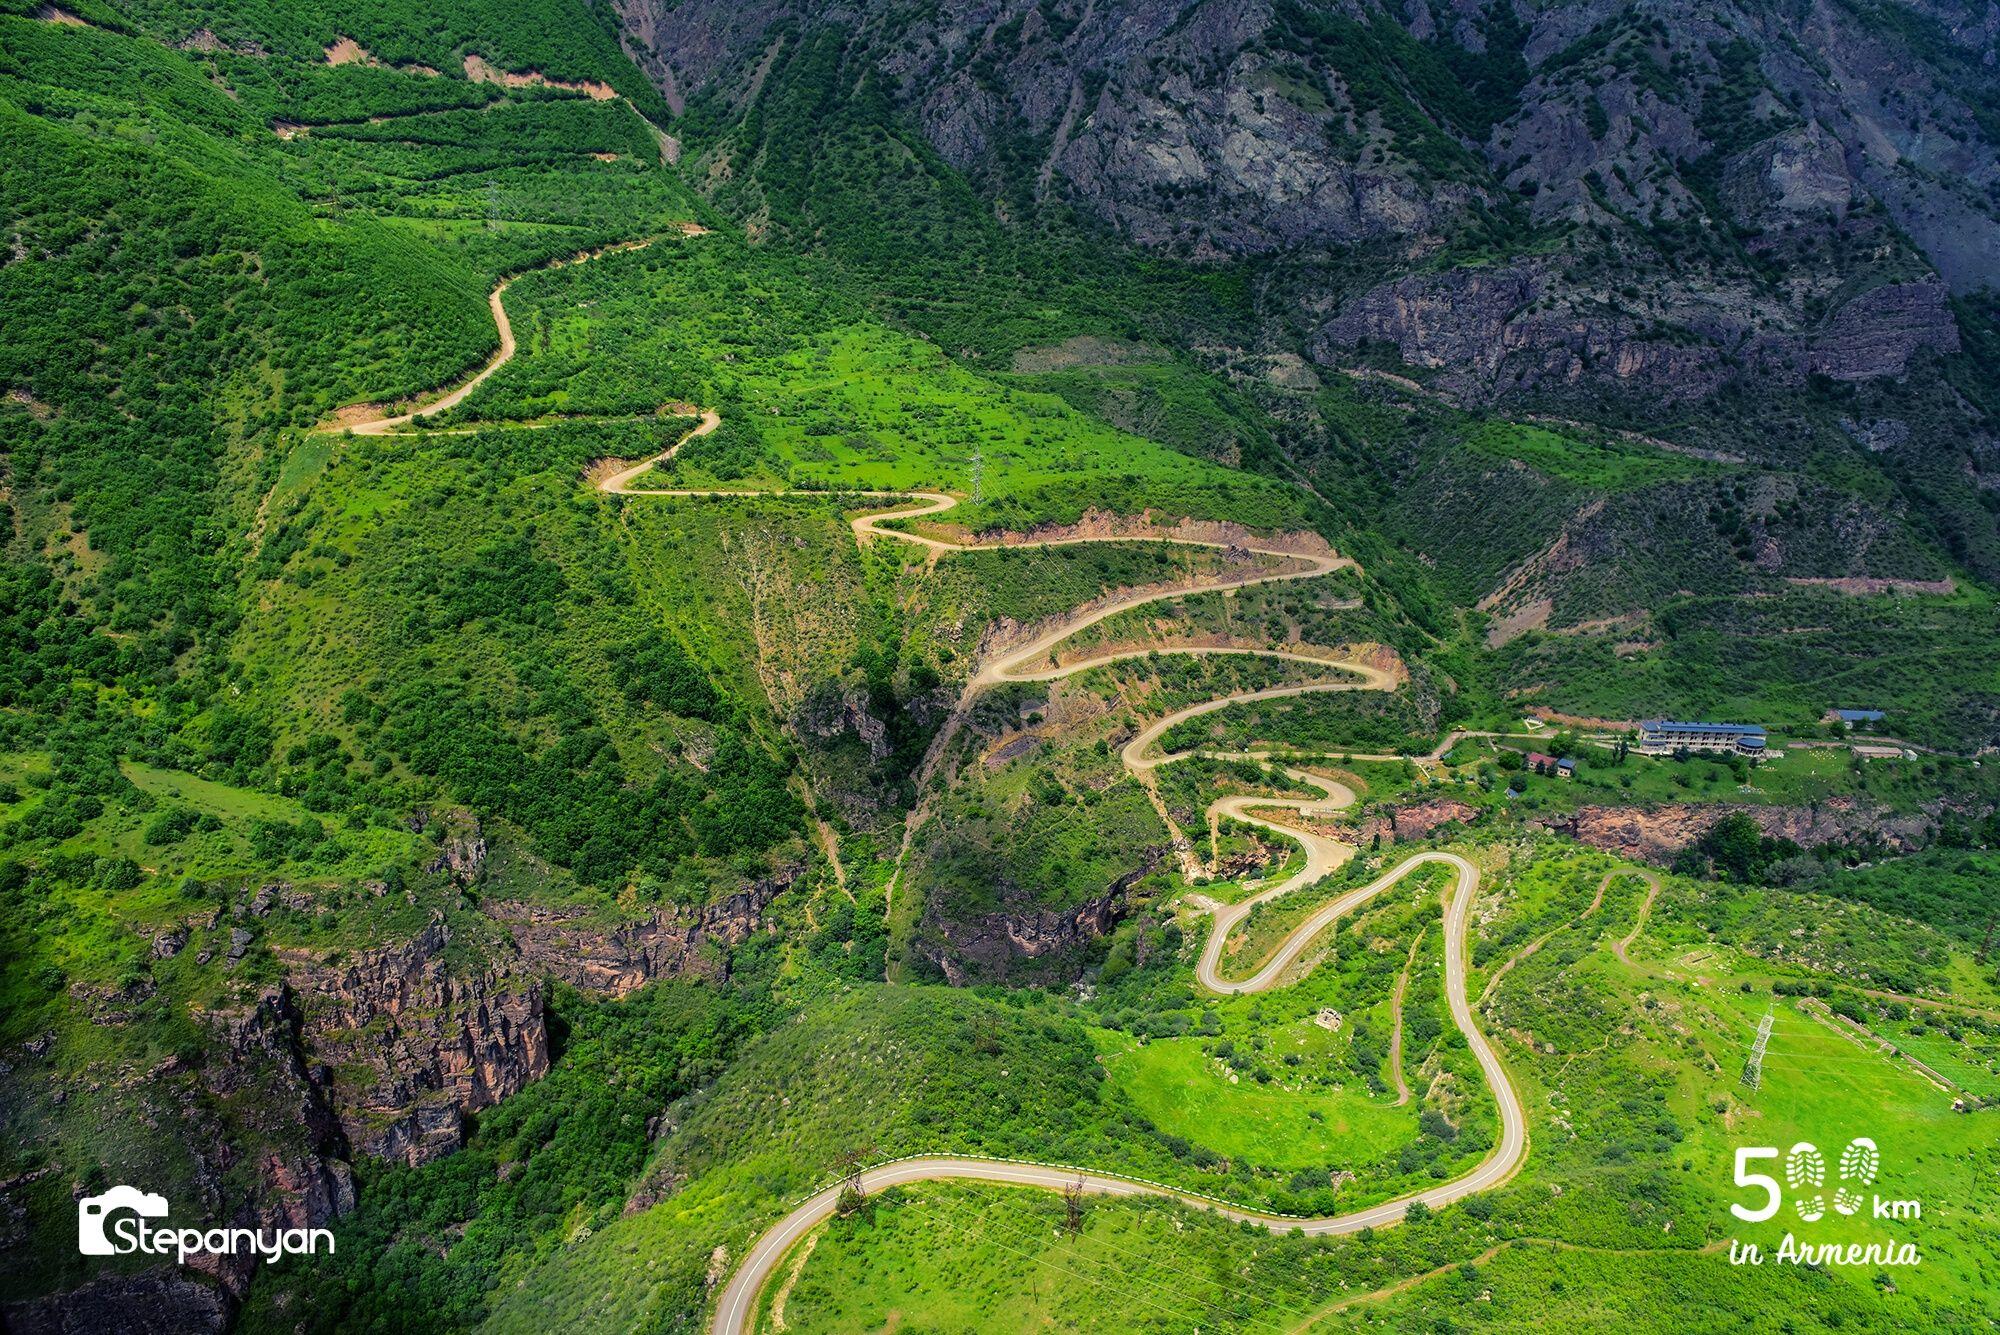 Տաթև - 500 կմ Հայաստանում